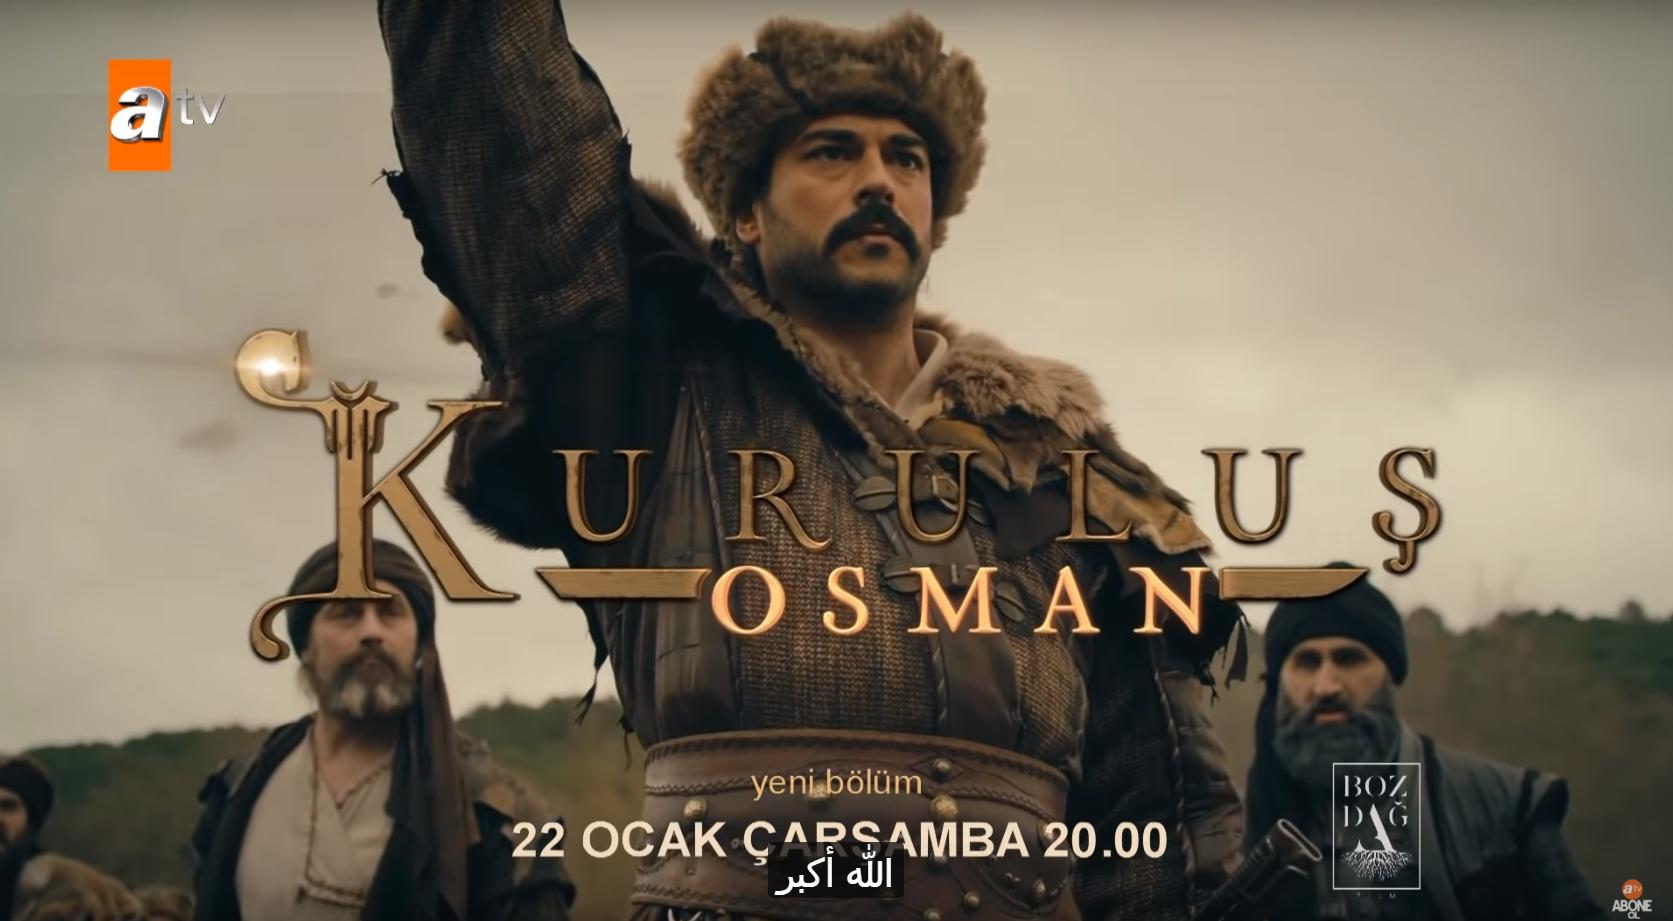 المؤسس عثمان حلقة 7 Dirilis Osman Osman Submarine Episode